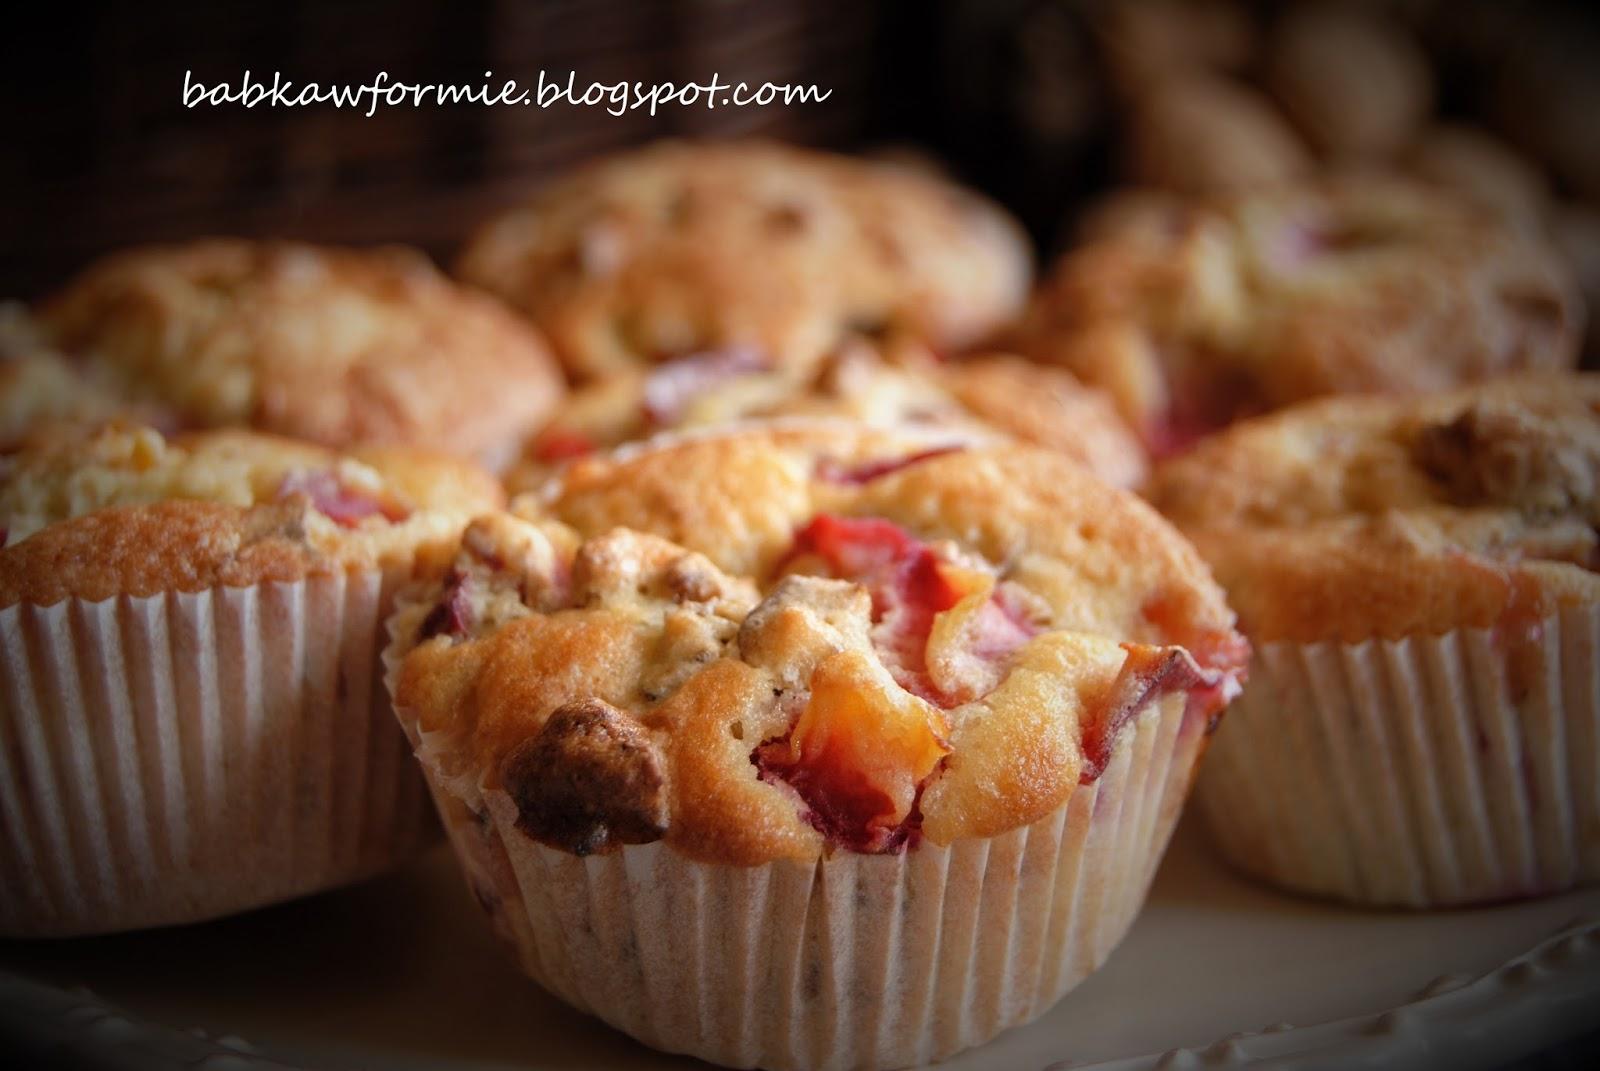 muffiny orzechowe ze śliwkami Wszystkie smaki Skandynawii babkawformie.blogspot.com